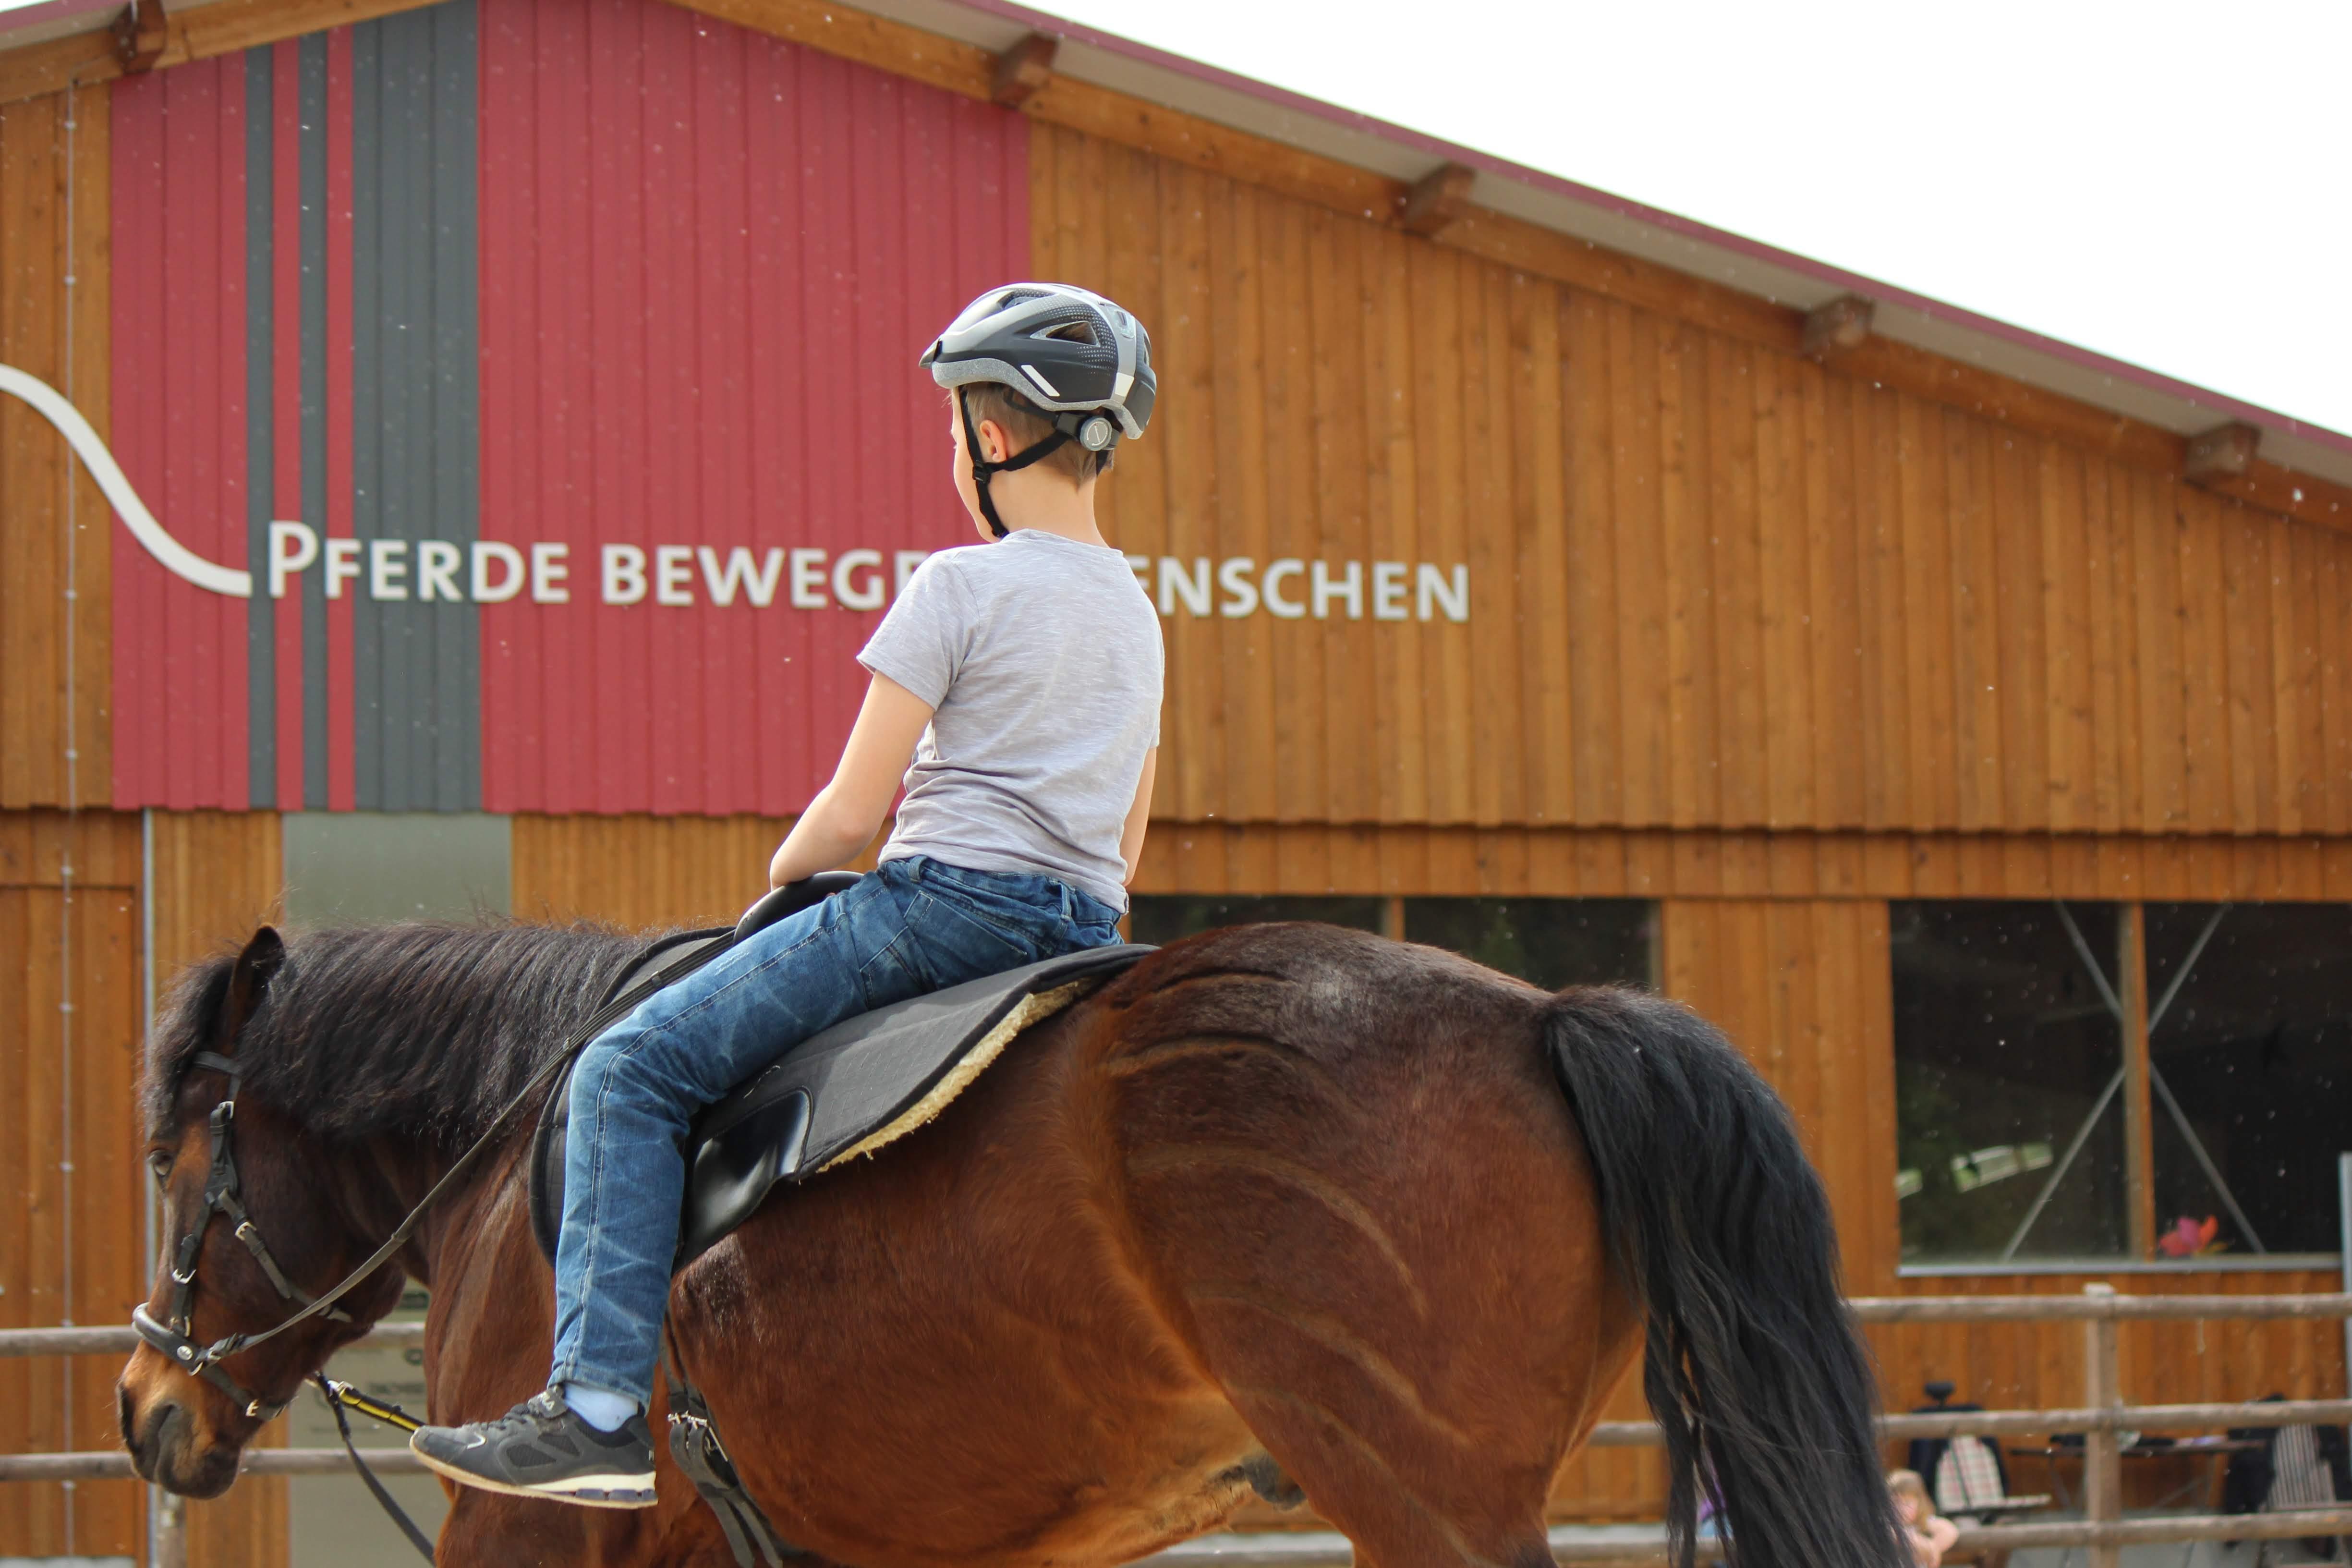 Pferde bewegen Menschen: Nach Corona-Zwangspause nimmt die Lebenshilfe zum 22.6.20 den Reittherapiebetrieb wieder auf.